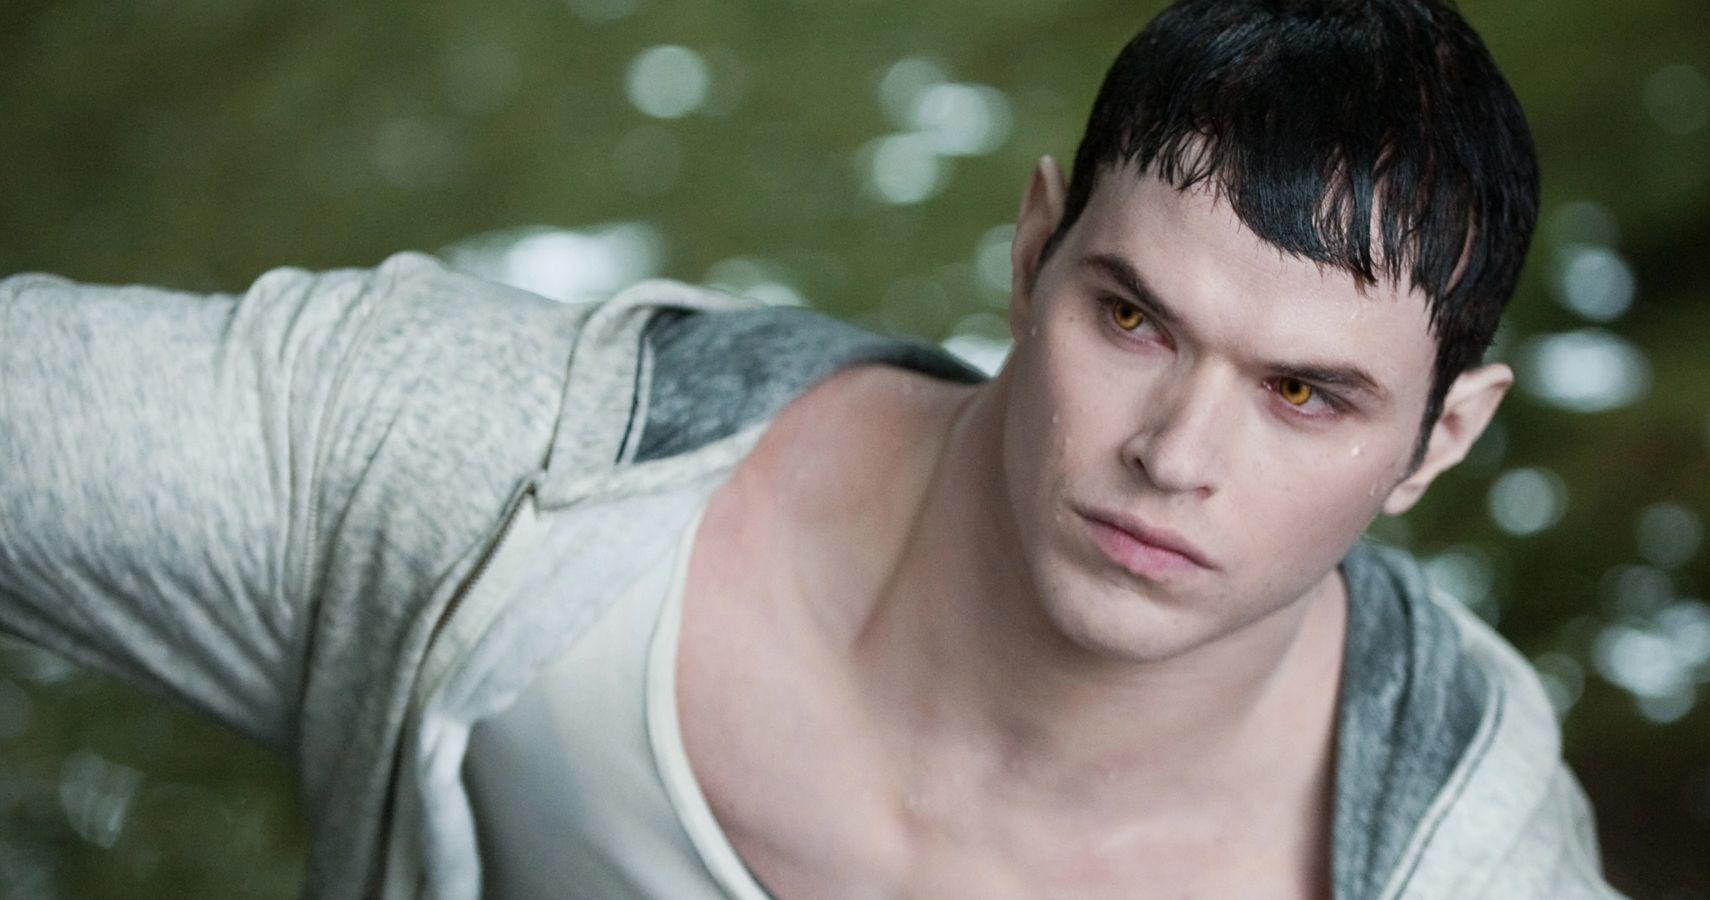 Twilight: 20 Wild Details Only True Fans Know About Emmett Cullen